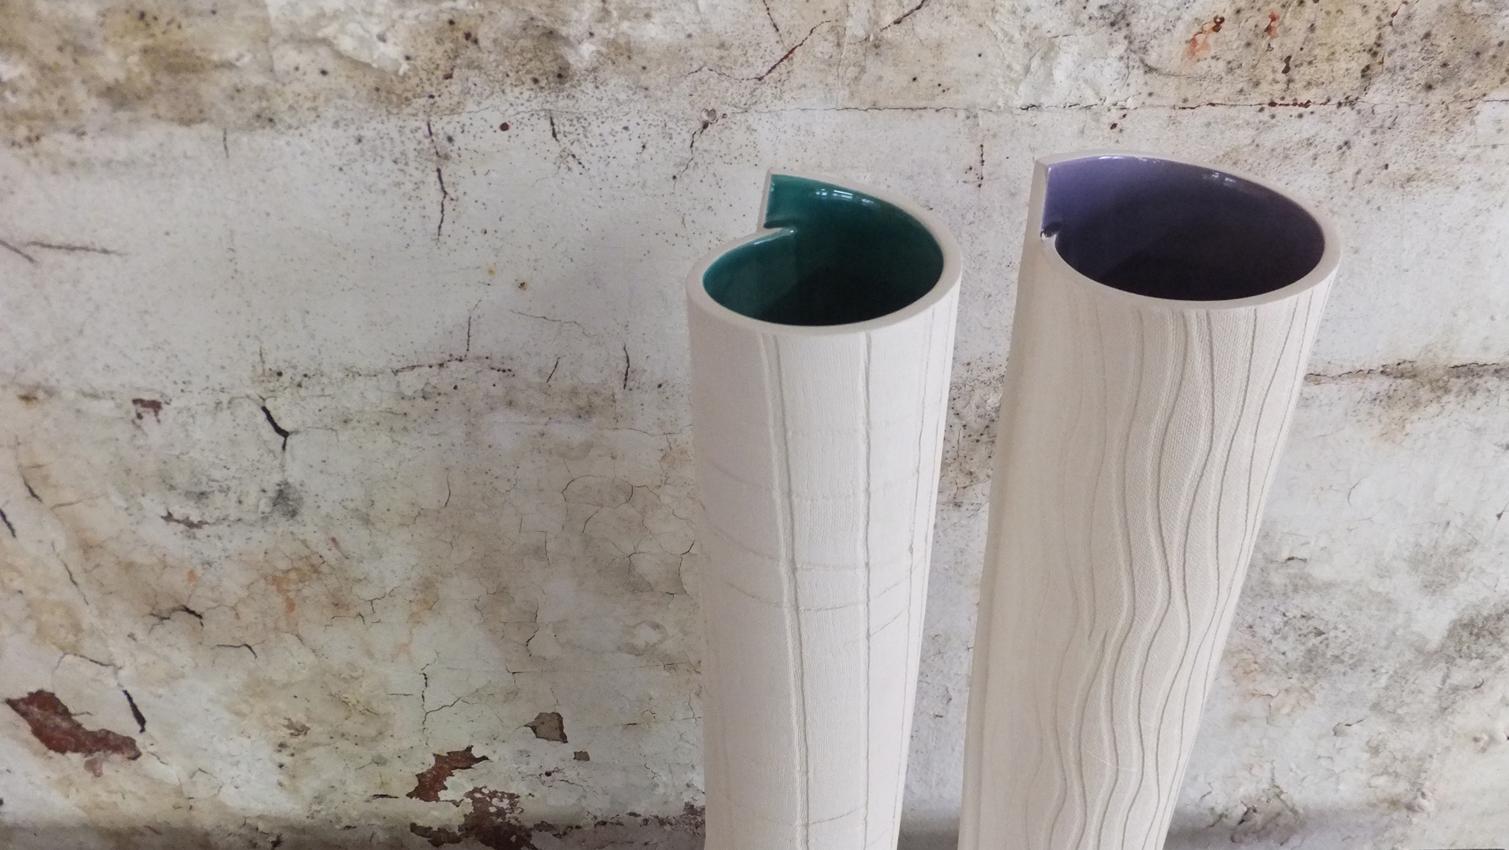 05_vasi ceramica 013_Silvia Fanticelli